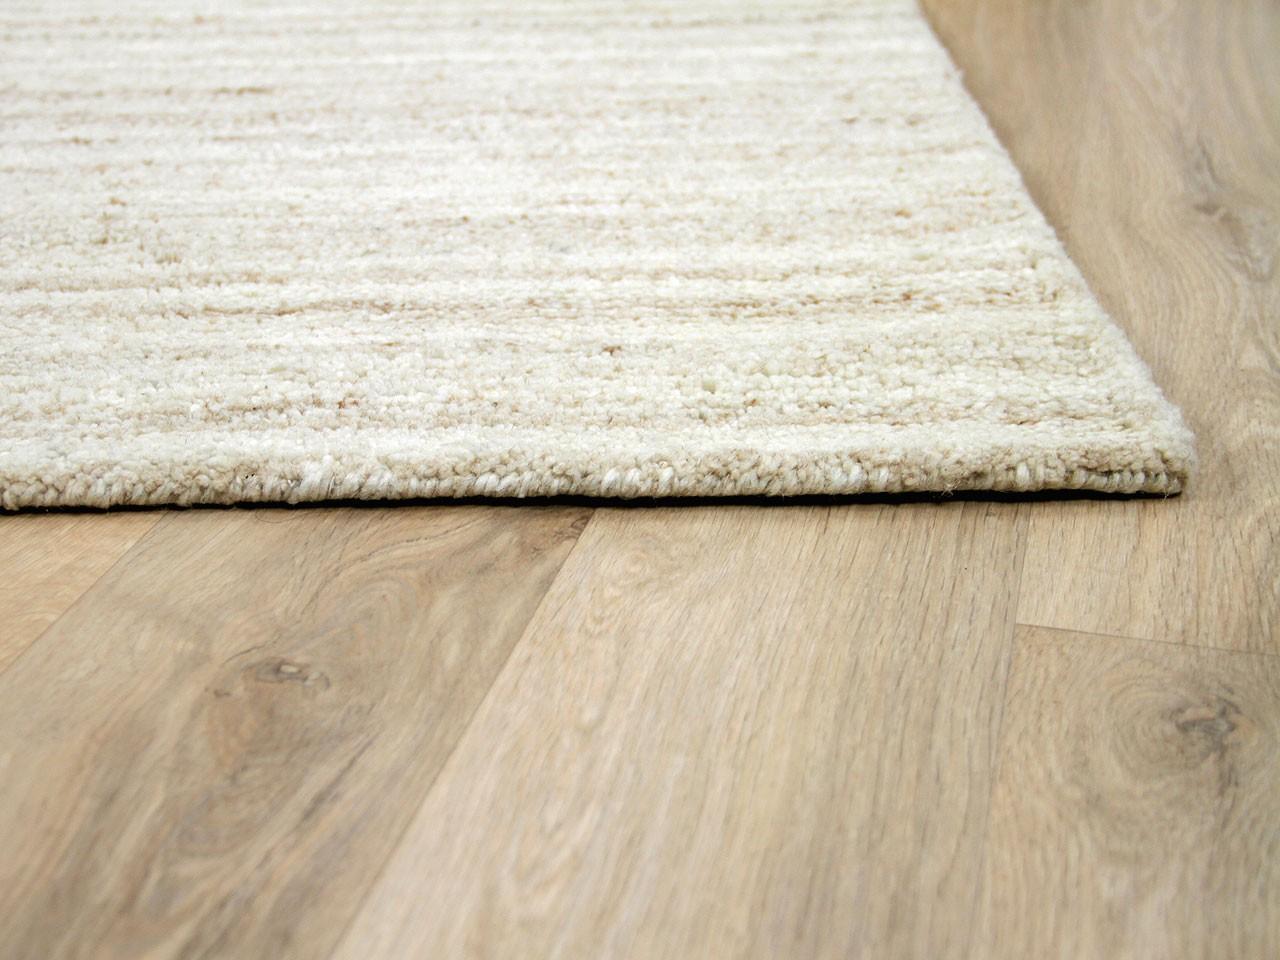 natur teppich berber aruna beige melange teppiche sisal und naturteppiche berber teppiche. Black Bedroom Furniture Sets. Home Design Ideas